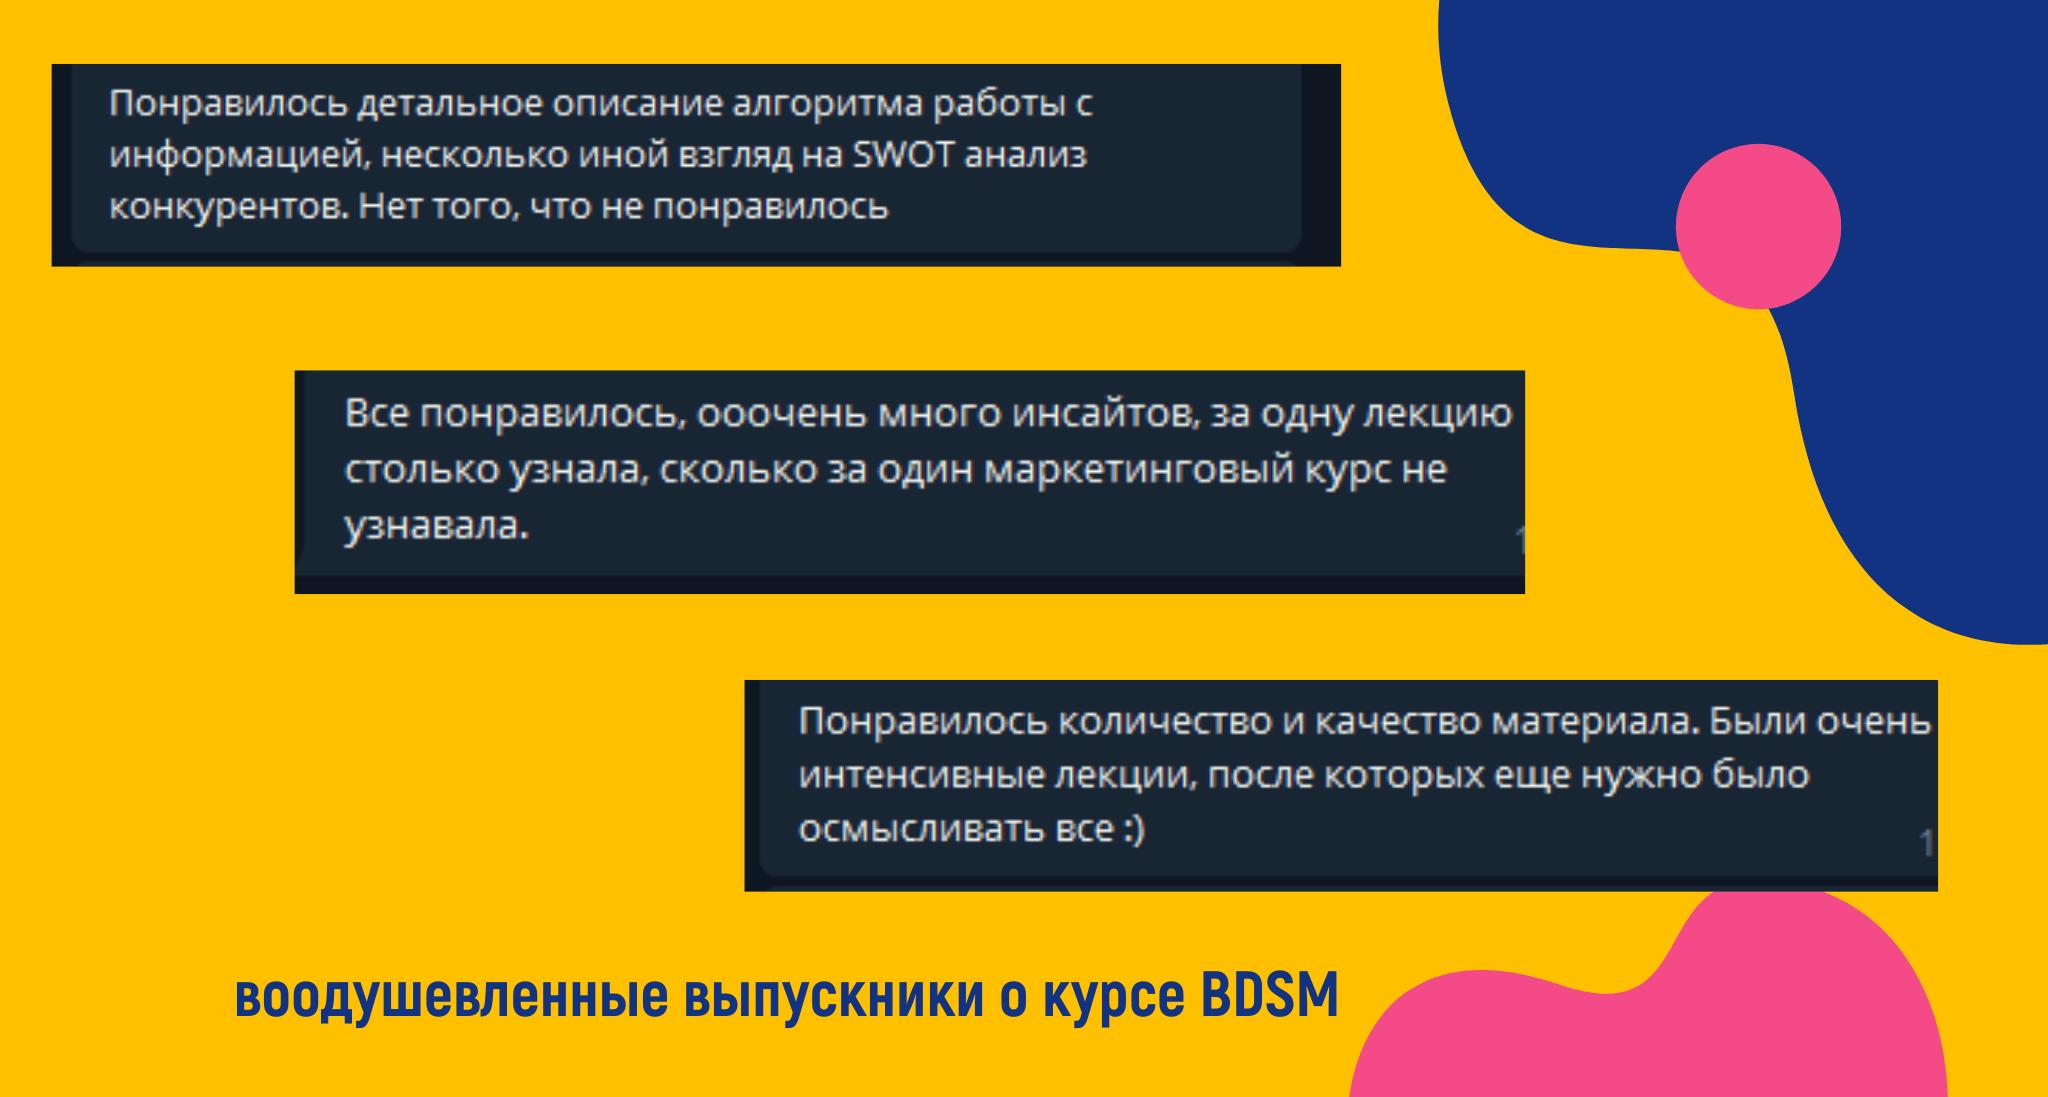 отзывы BDSM 8